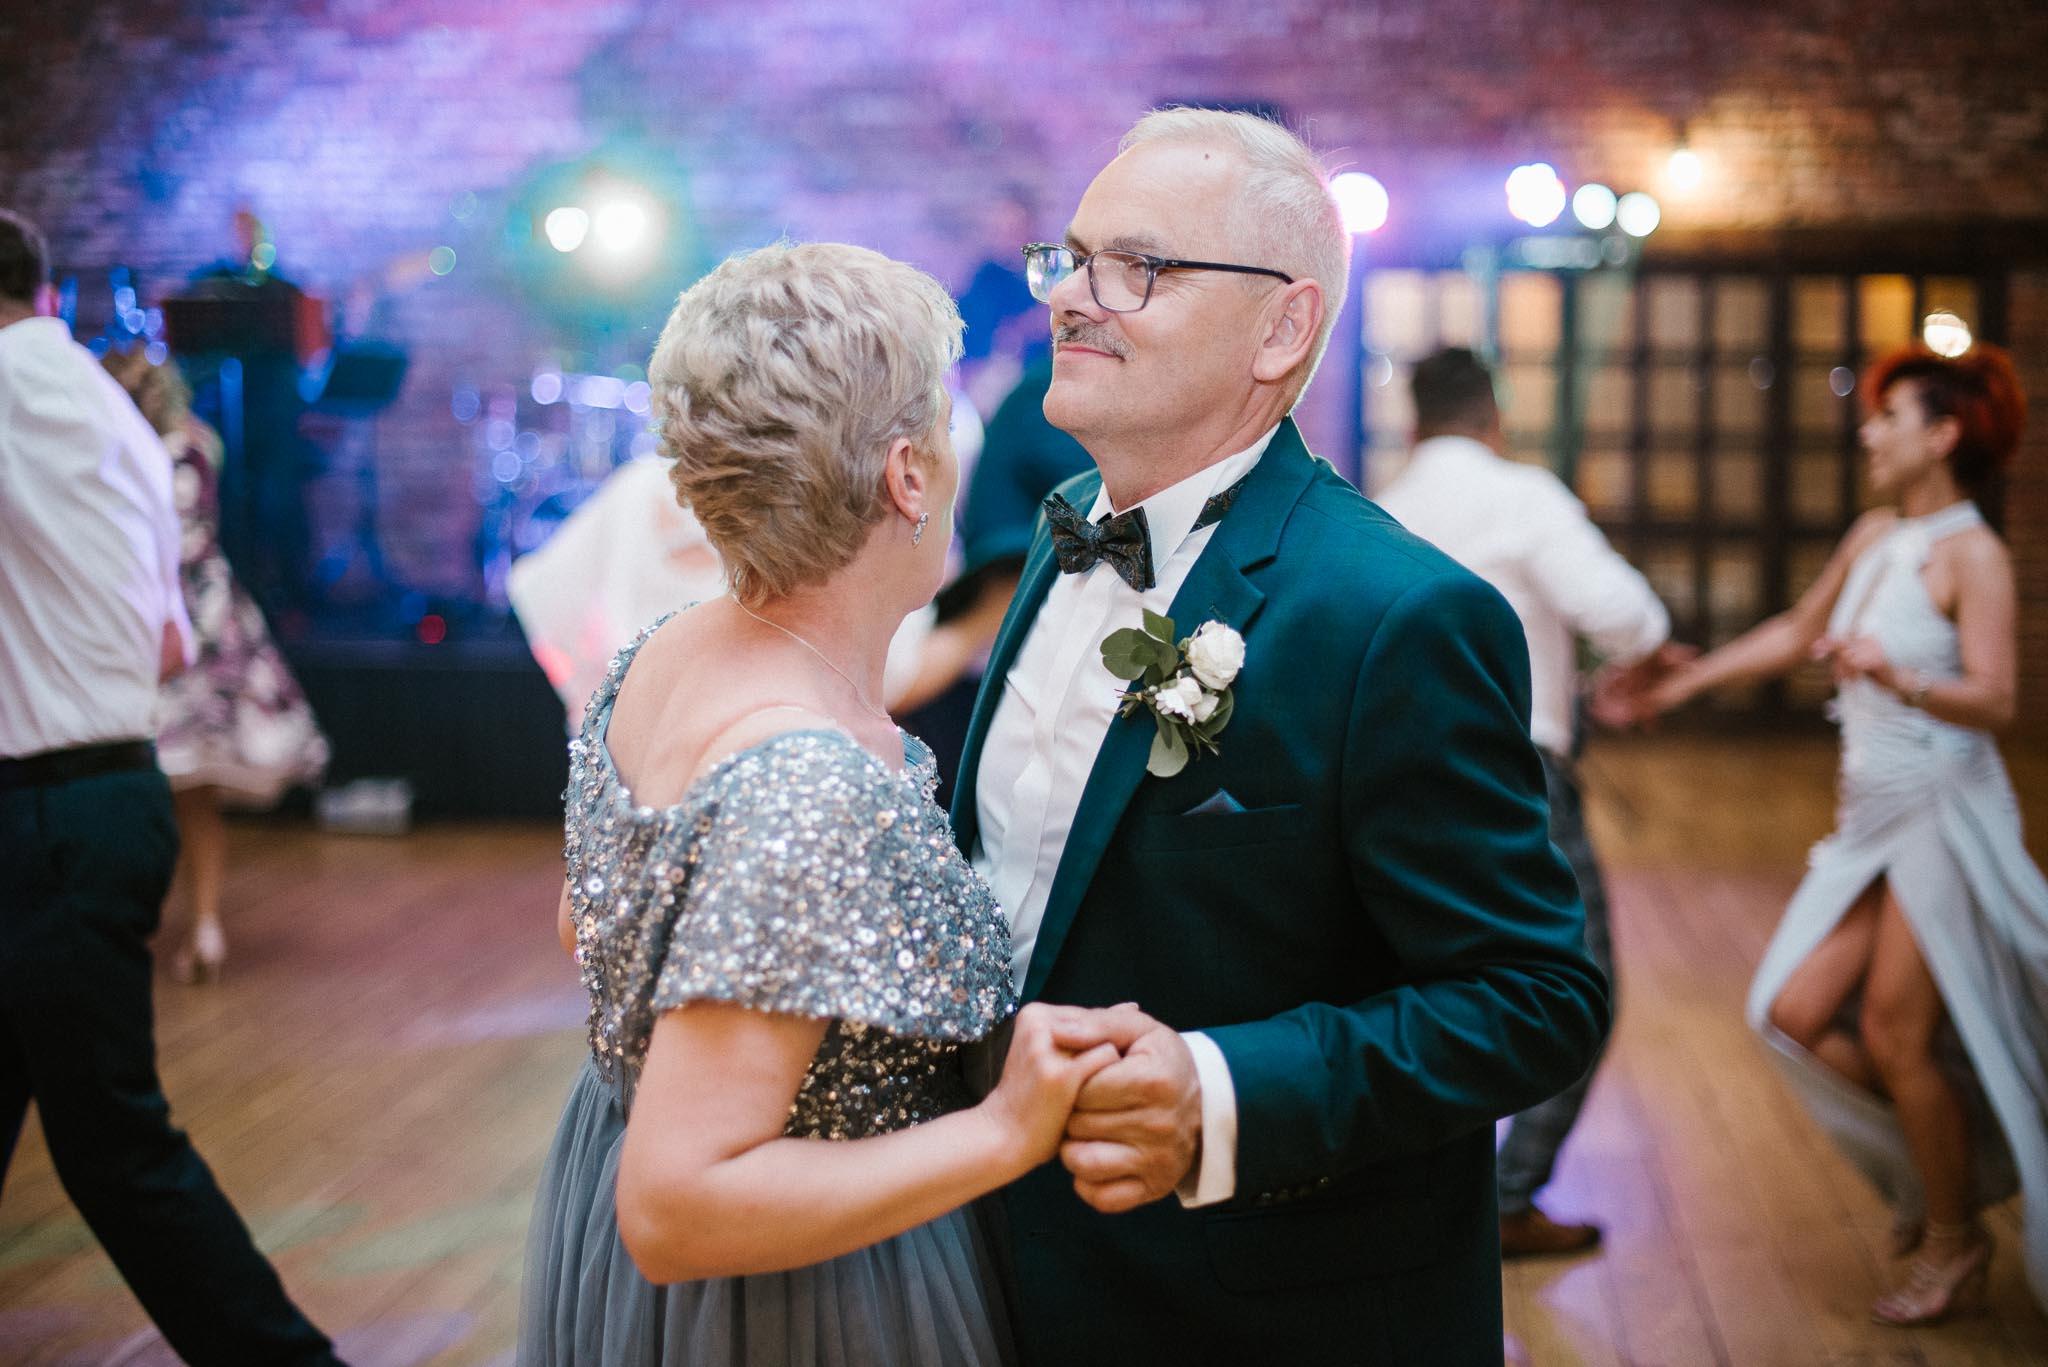 Goście tańczą na weselu - ślub w Stodole Bojanowo